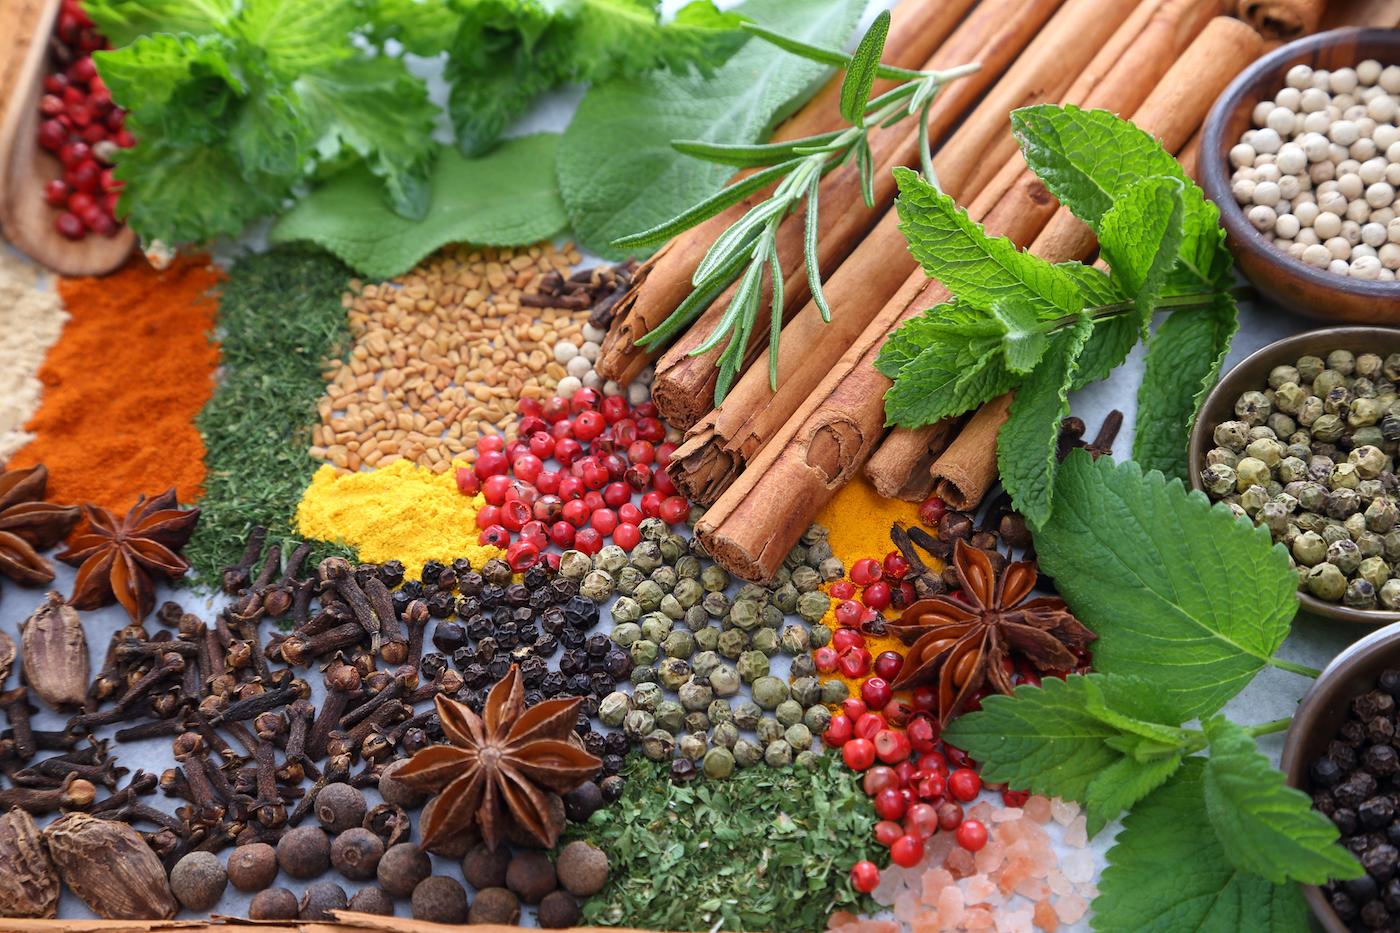 Lebensmittelzusatzstoffe Hersteller, verschiedene Gewürze